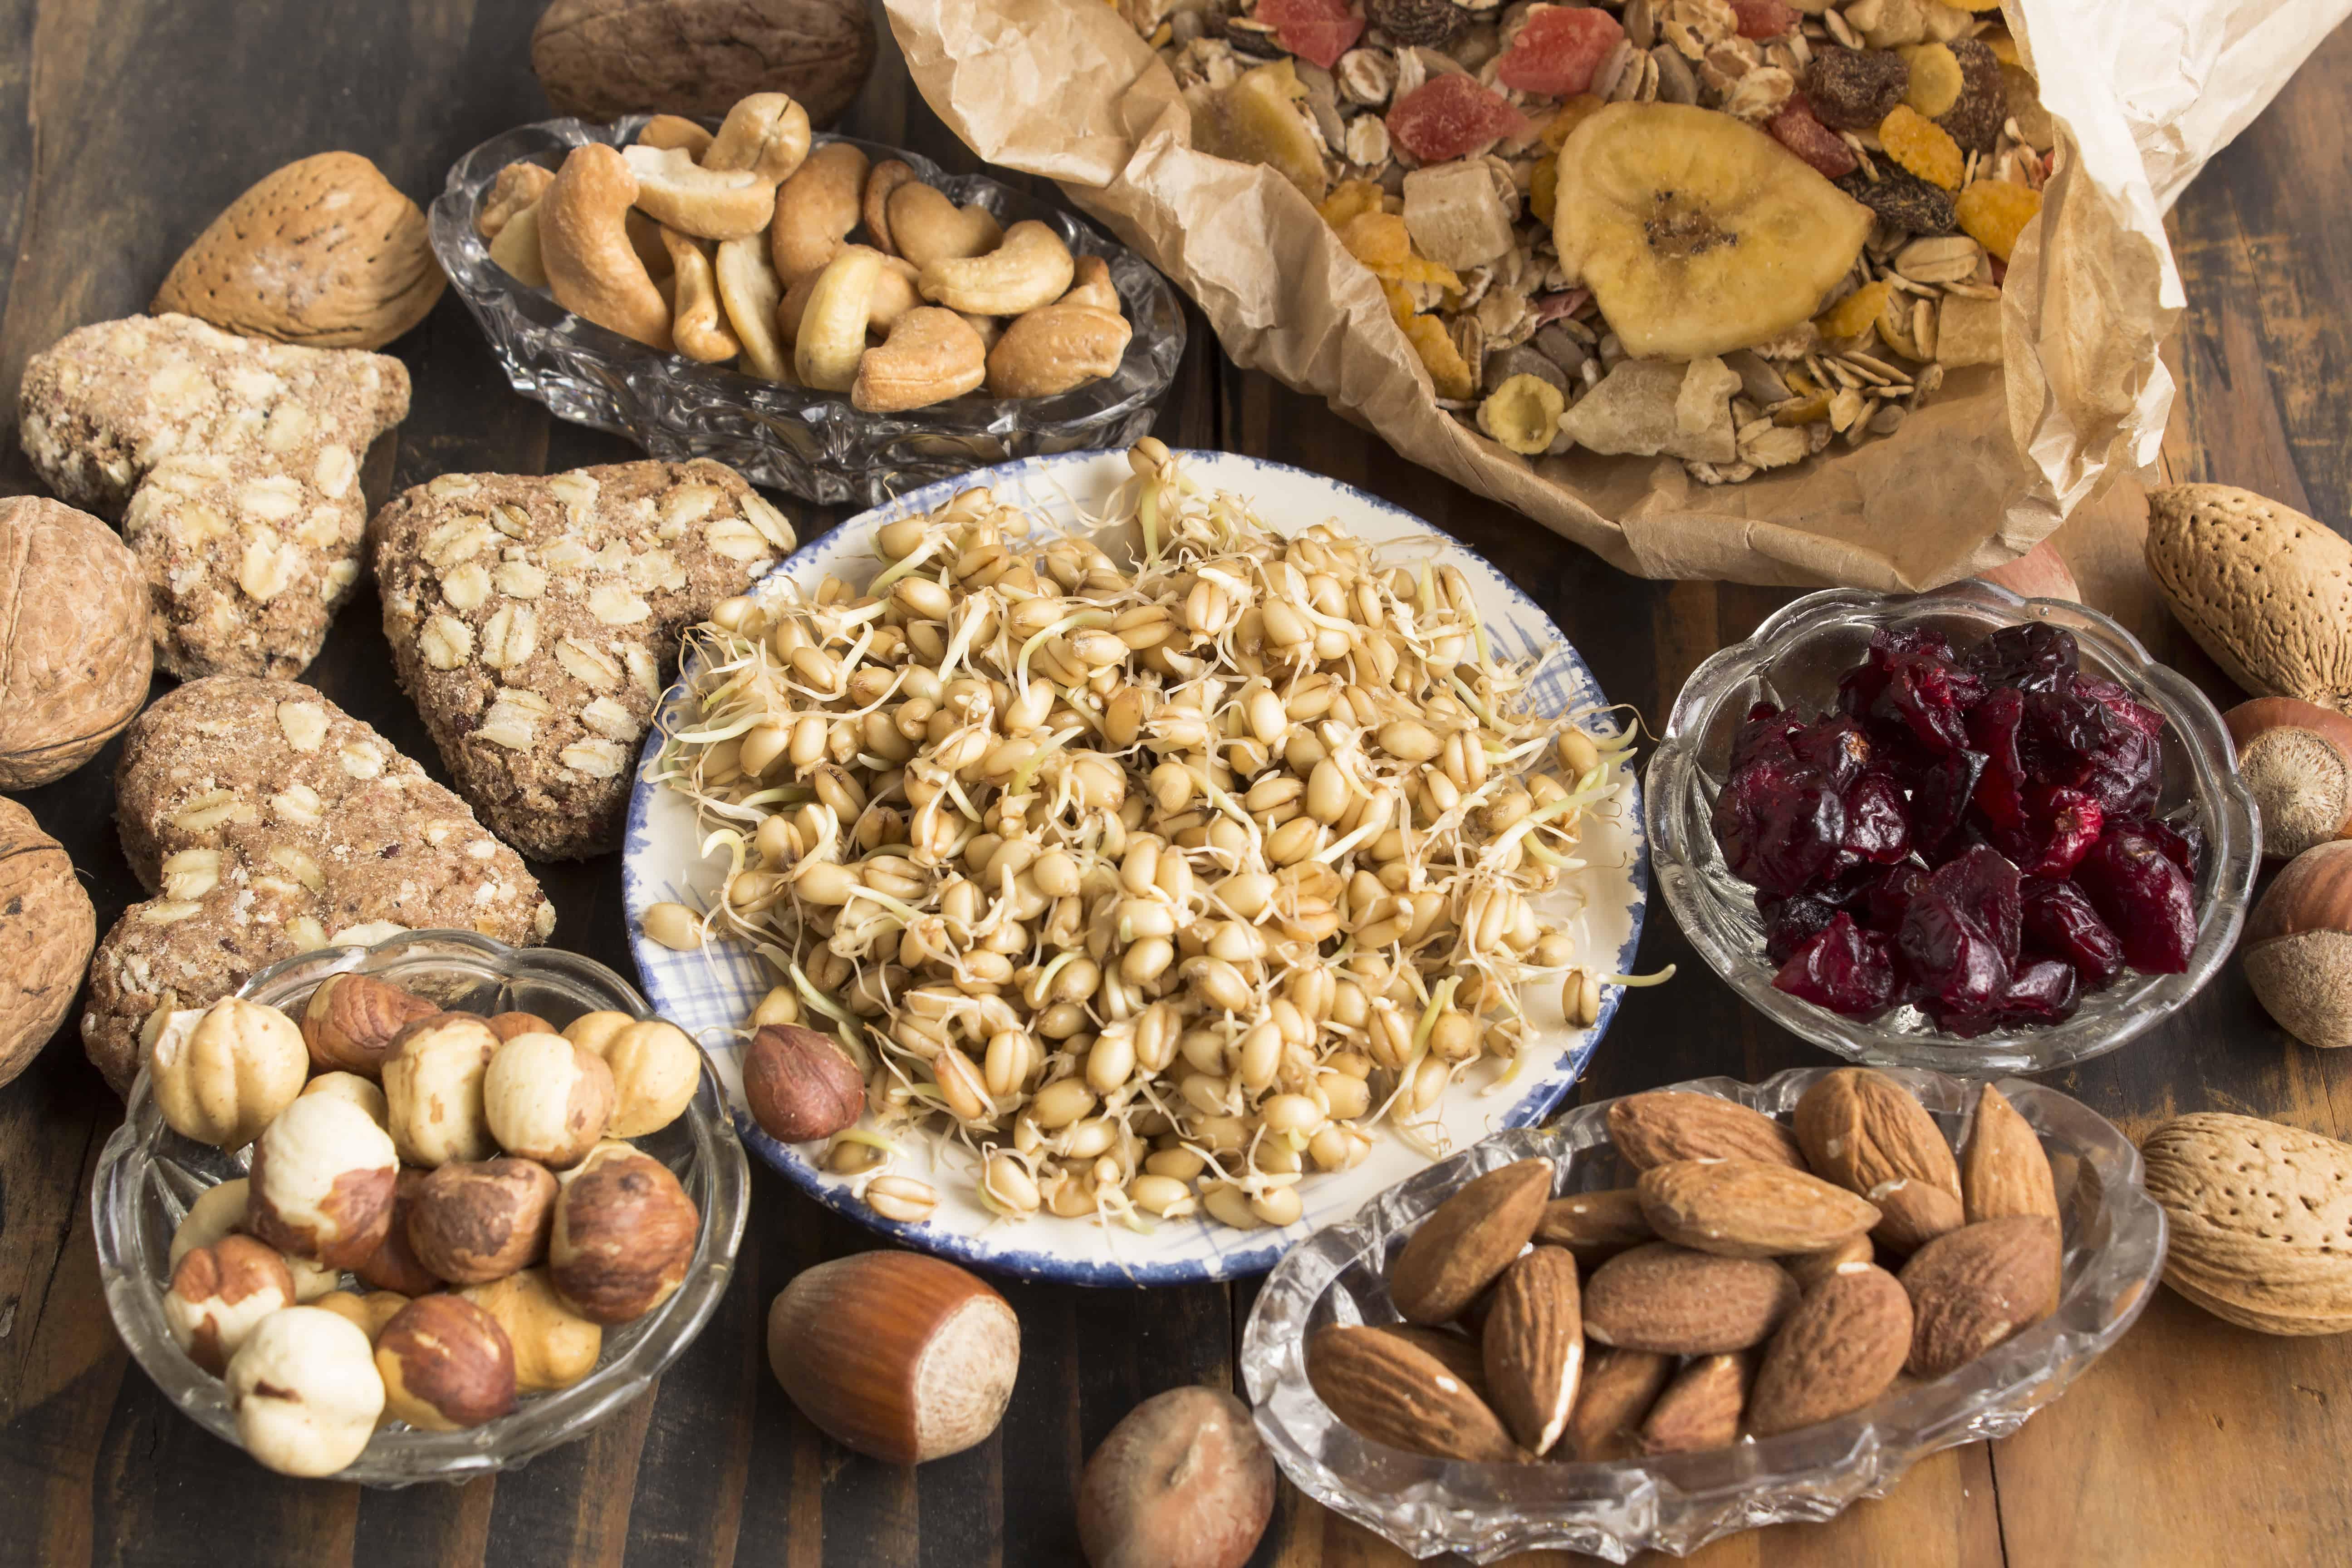 Vitamin K2 Mangel Dosierung Anwendung Nahrung Nahrungsergänzungsmittel Versorgung Menachinon schlechten K2 Versorgung Funktionen Körperfunktionen Regulation ernst zu nehmendes Risiko in Fleisch und Eiern Phyllochinon fermentierte Sojabohnen Frementierung Synthese durch Bakterien